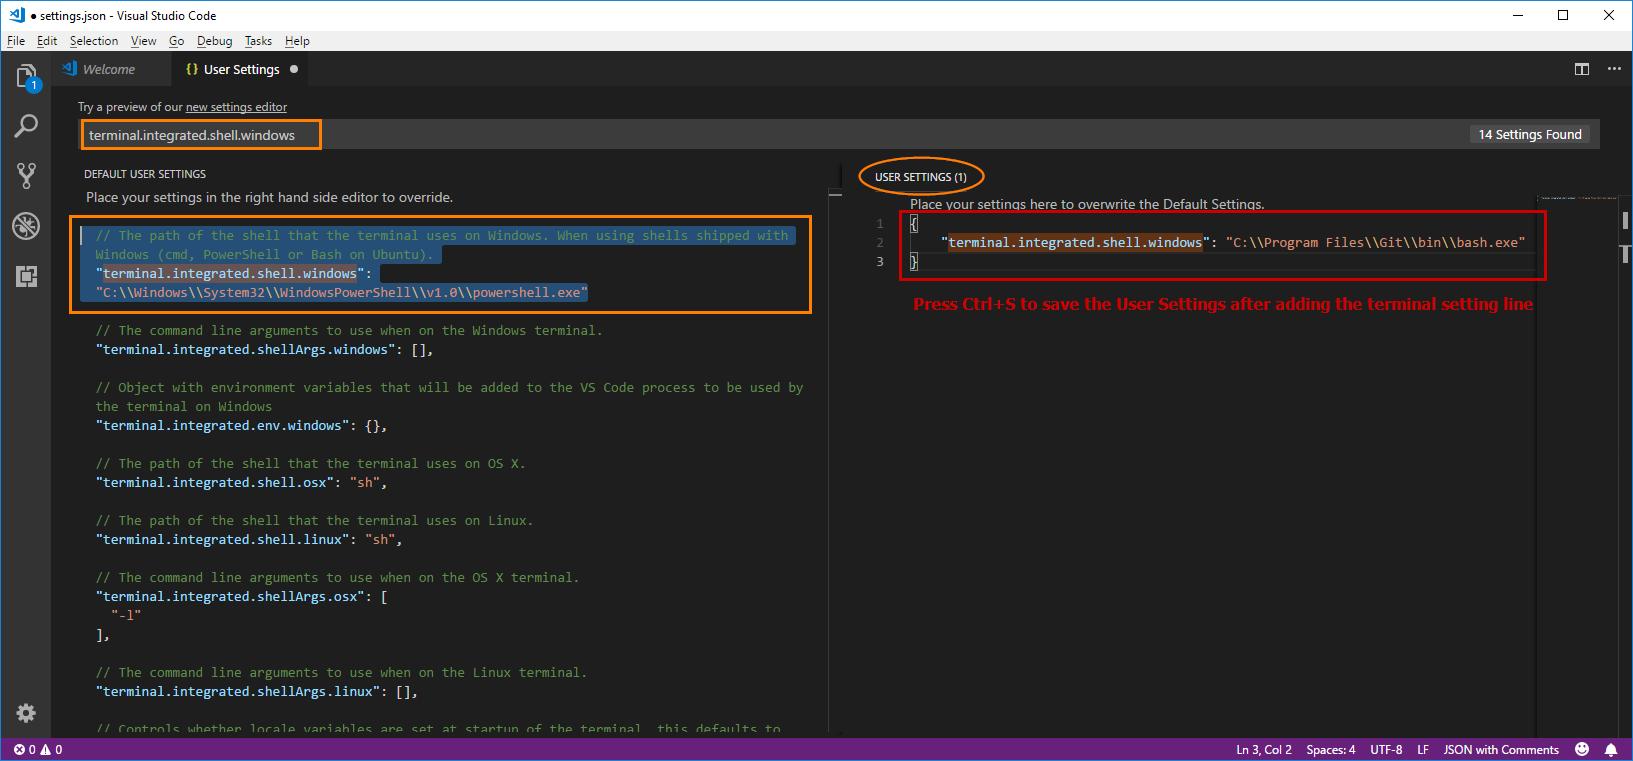 Visual Studio Code Settings - Git Bash